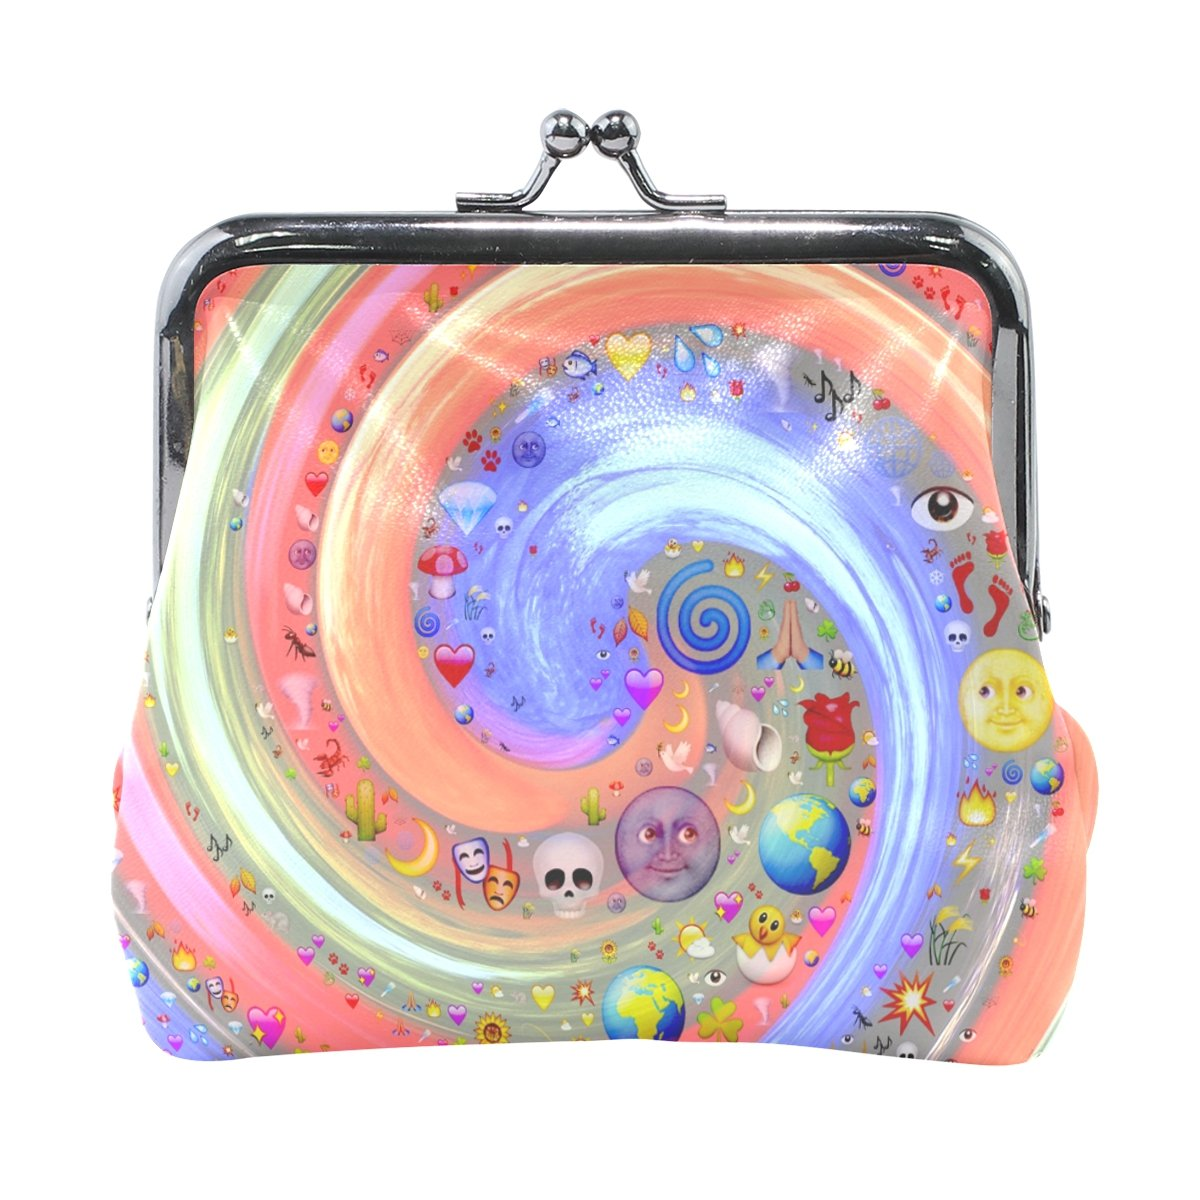 Coin Purse Emoticons Vortex Wallet Buckle Clutch Handbag For Women Girls Gift